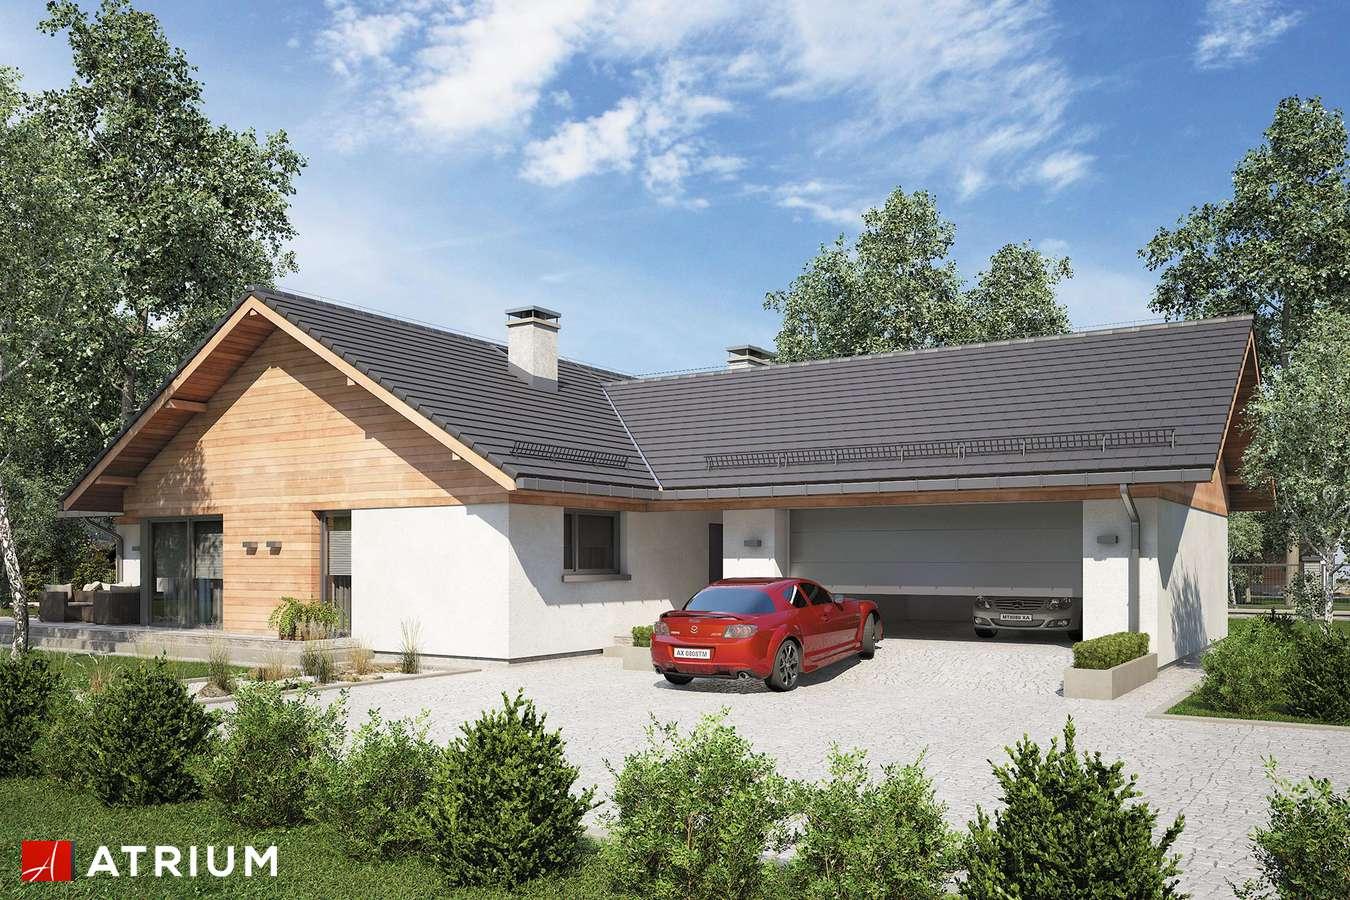 Projekty domów - Projekt domu parterowego WINSTON XVII - wizualizacja 1